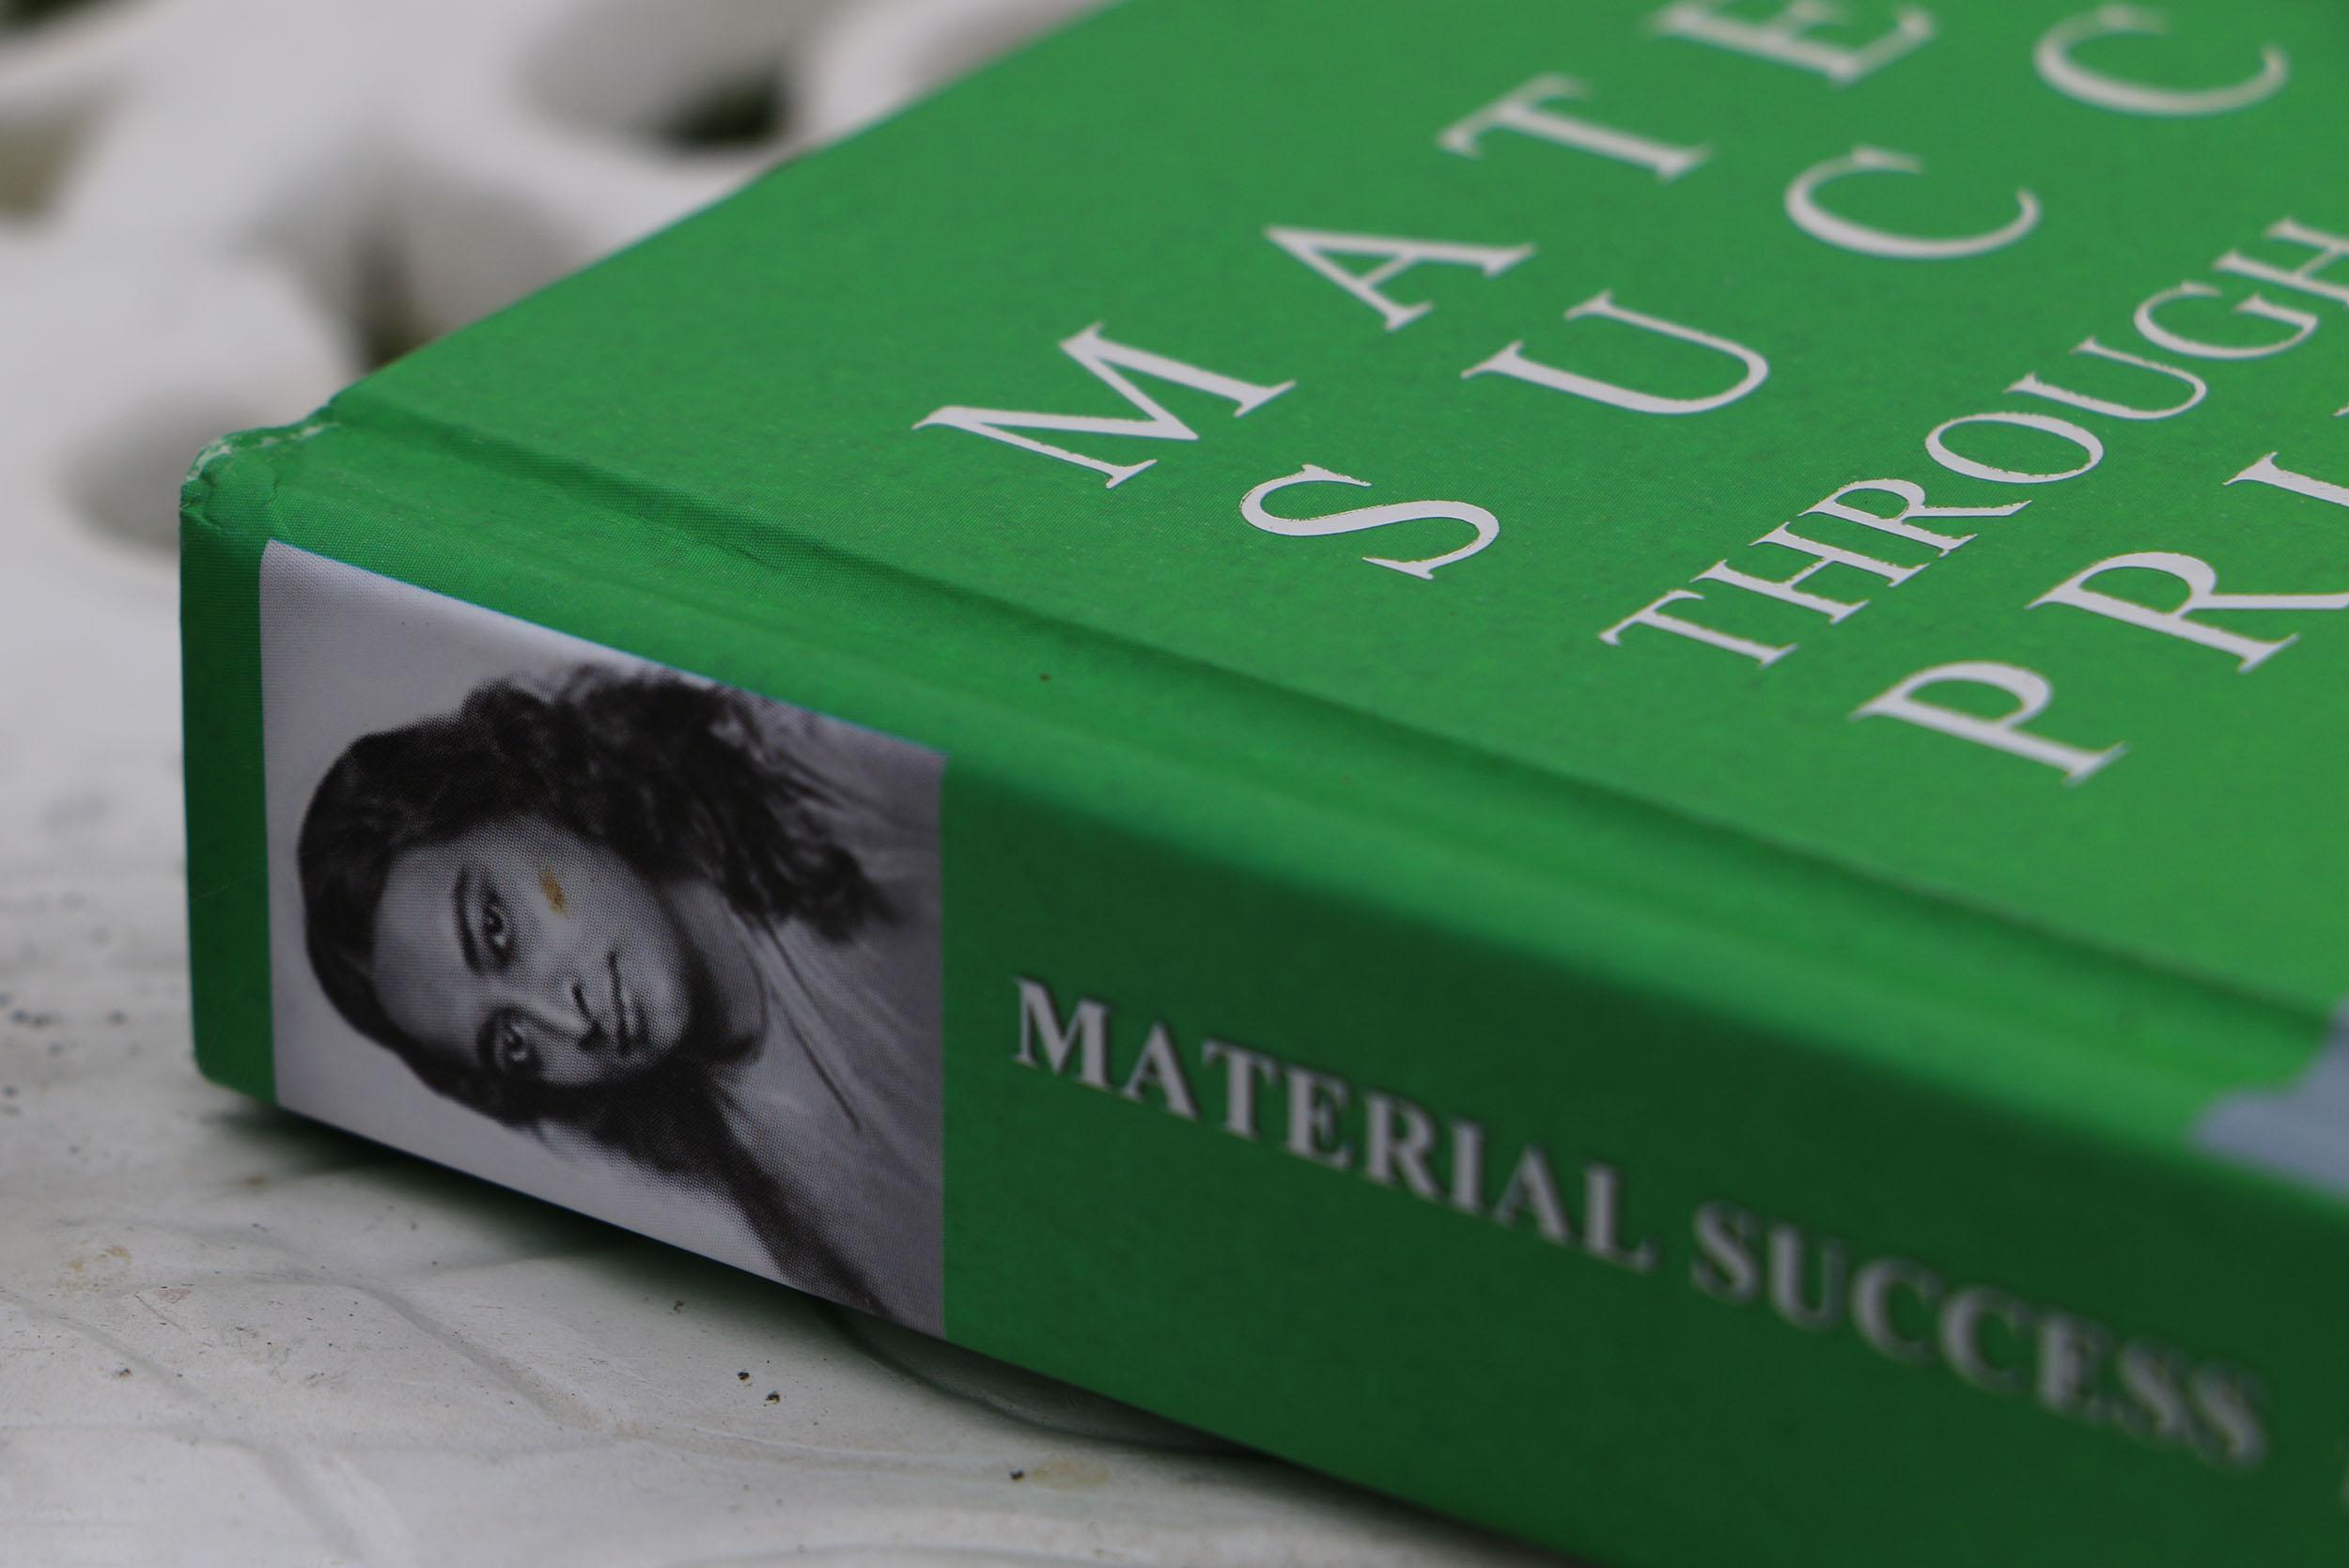 Material_Success